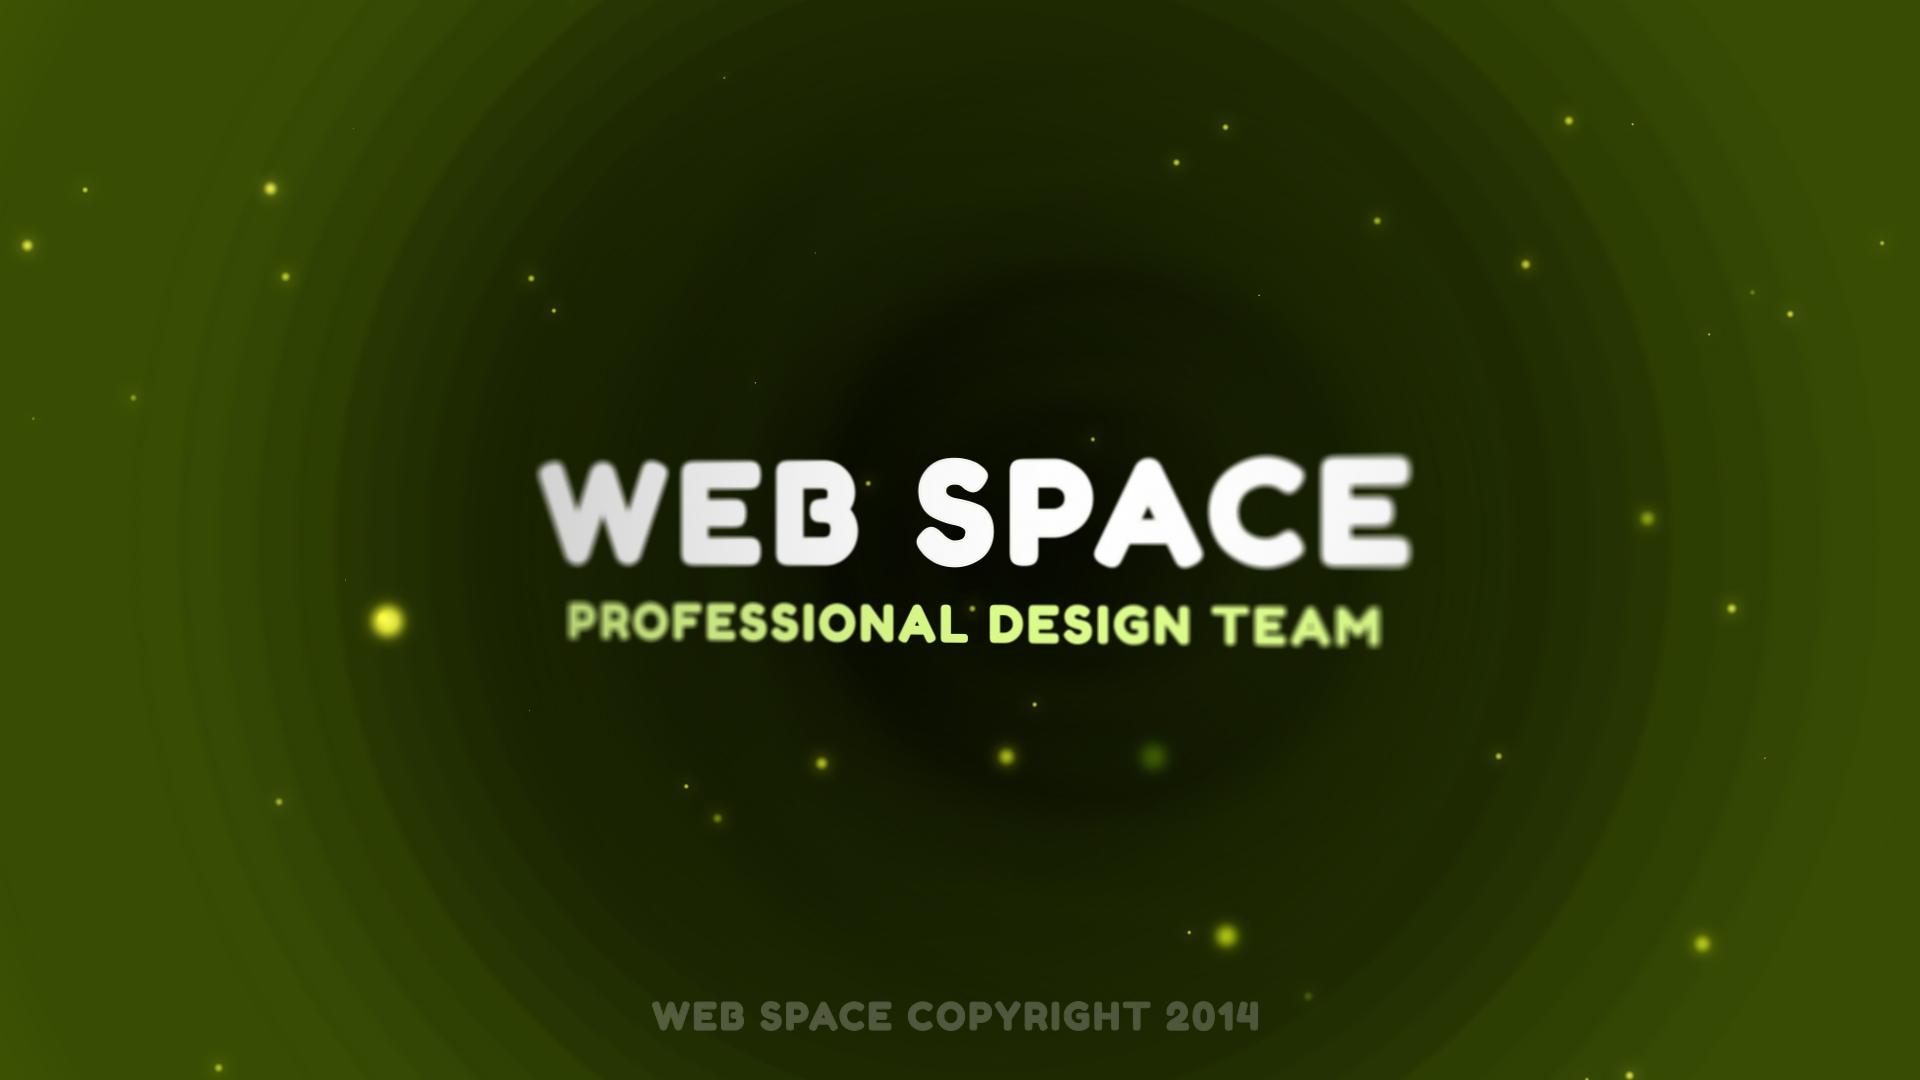 After Effects com Introdução para Sites de Estúdio de Design №49213